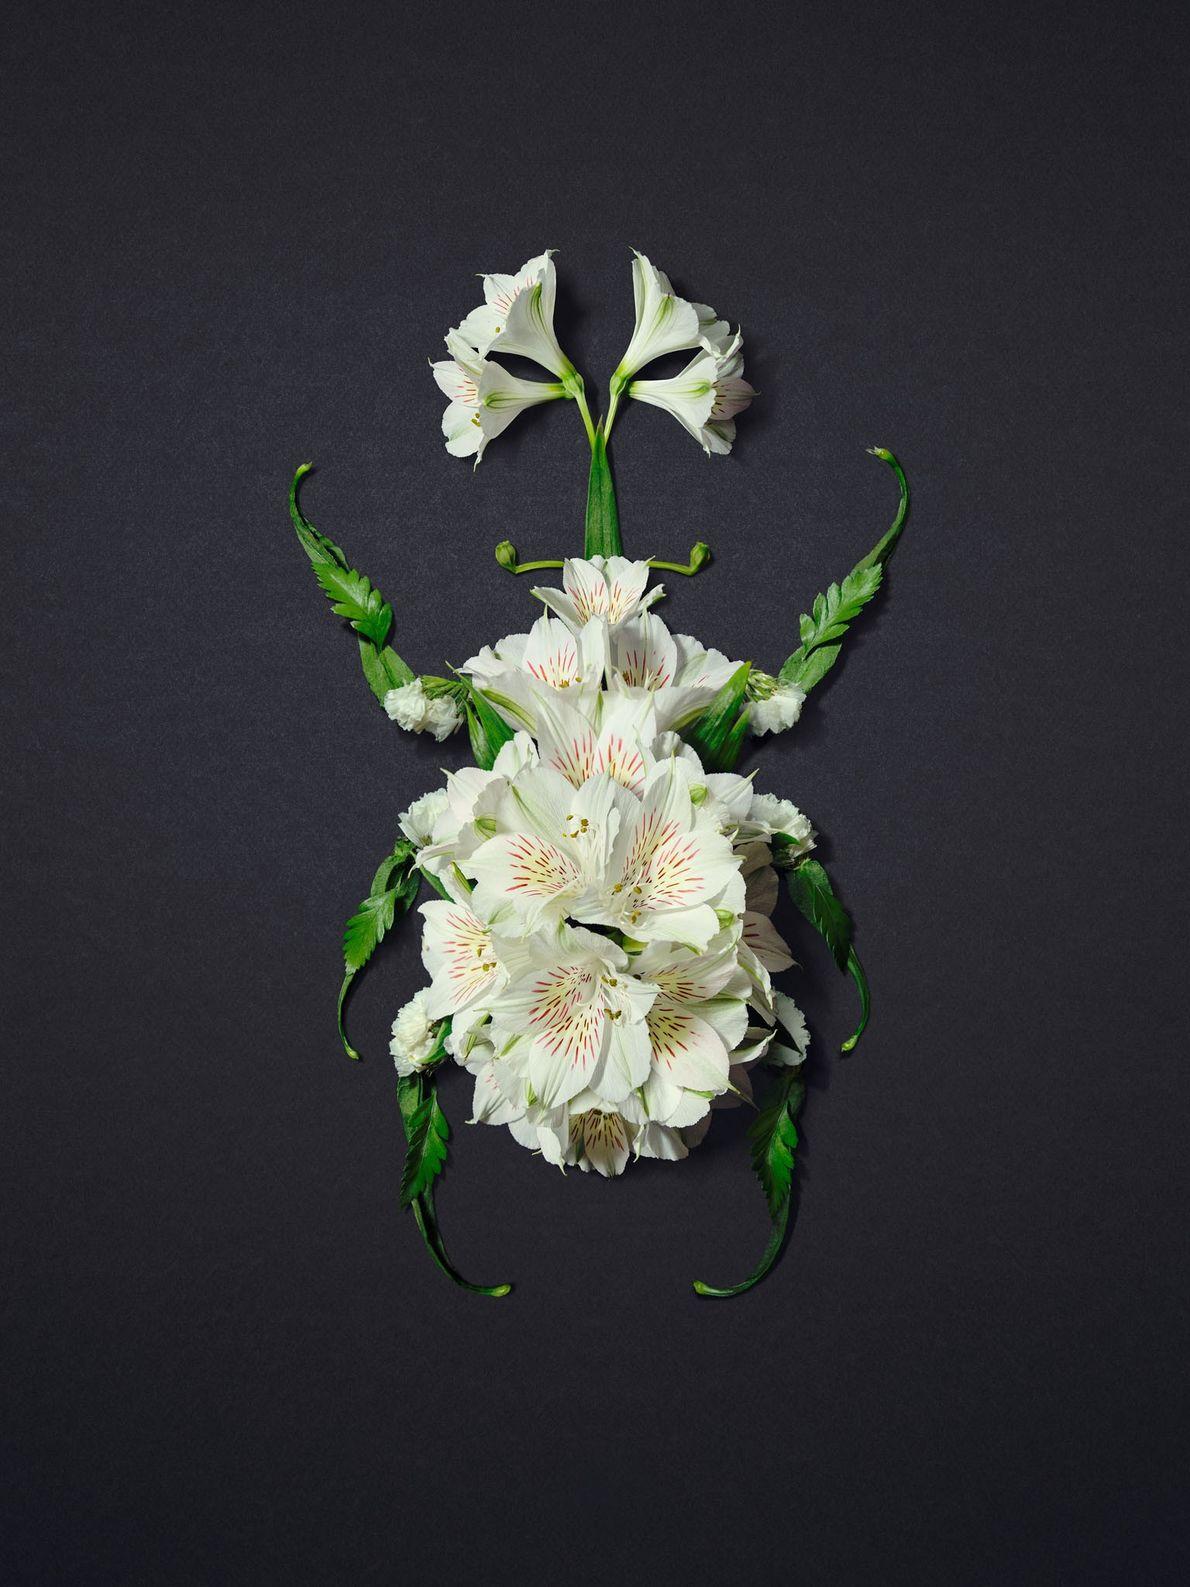 Un kabutomushi, ou scarabée-rhinocéros japonais, esquissé à l'aide de fleurs d'alstrœmères.